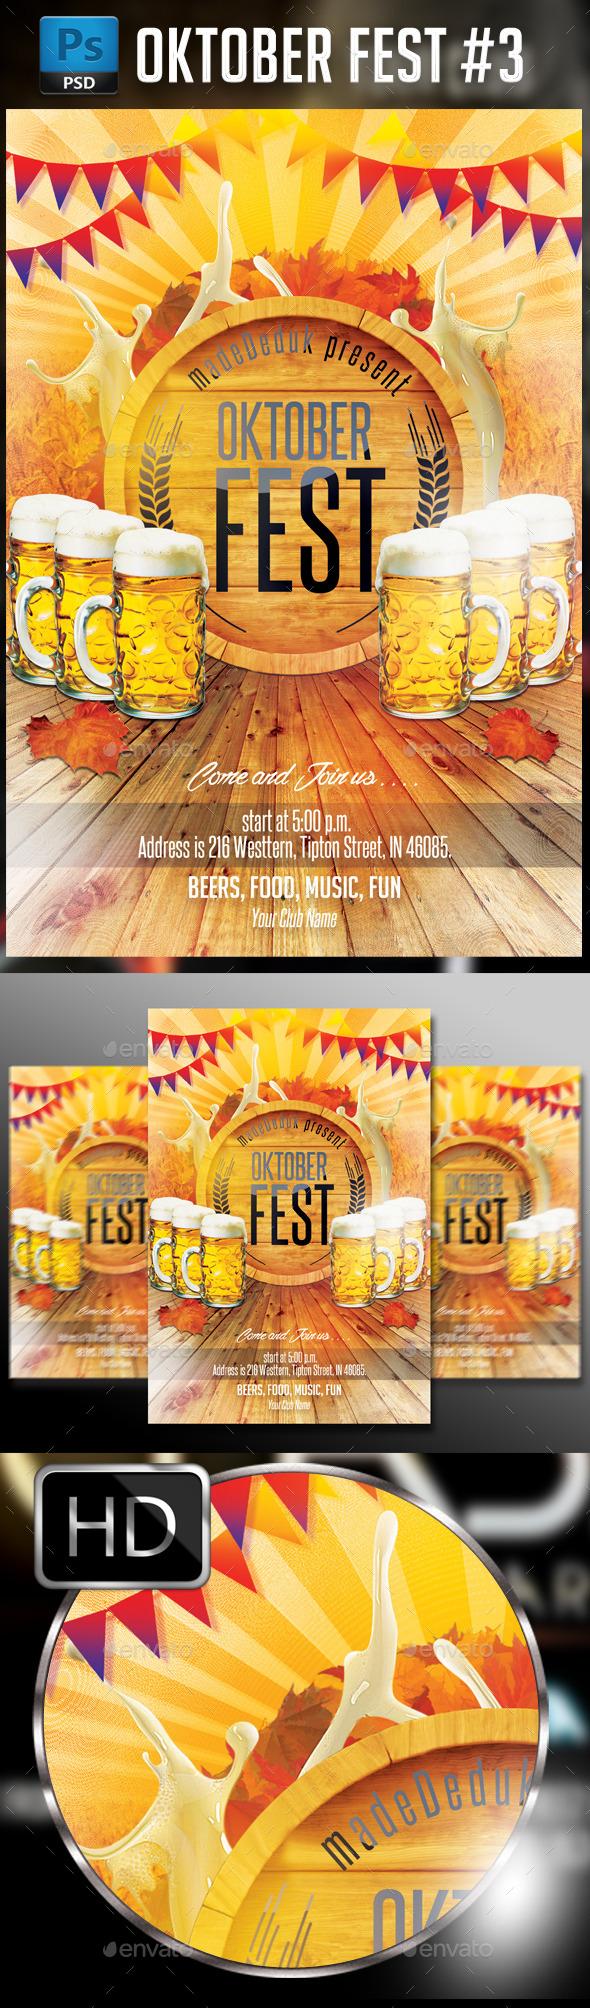 Oktober Fest #3 - Events Flyers